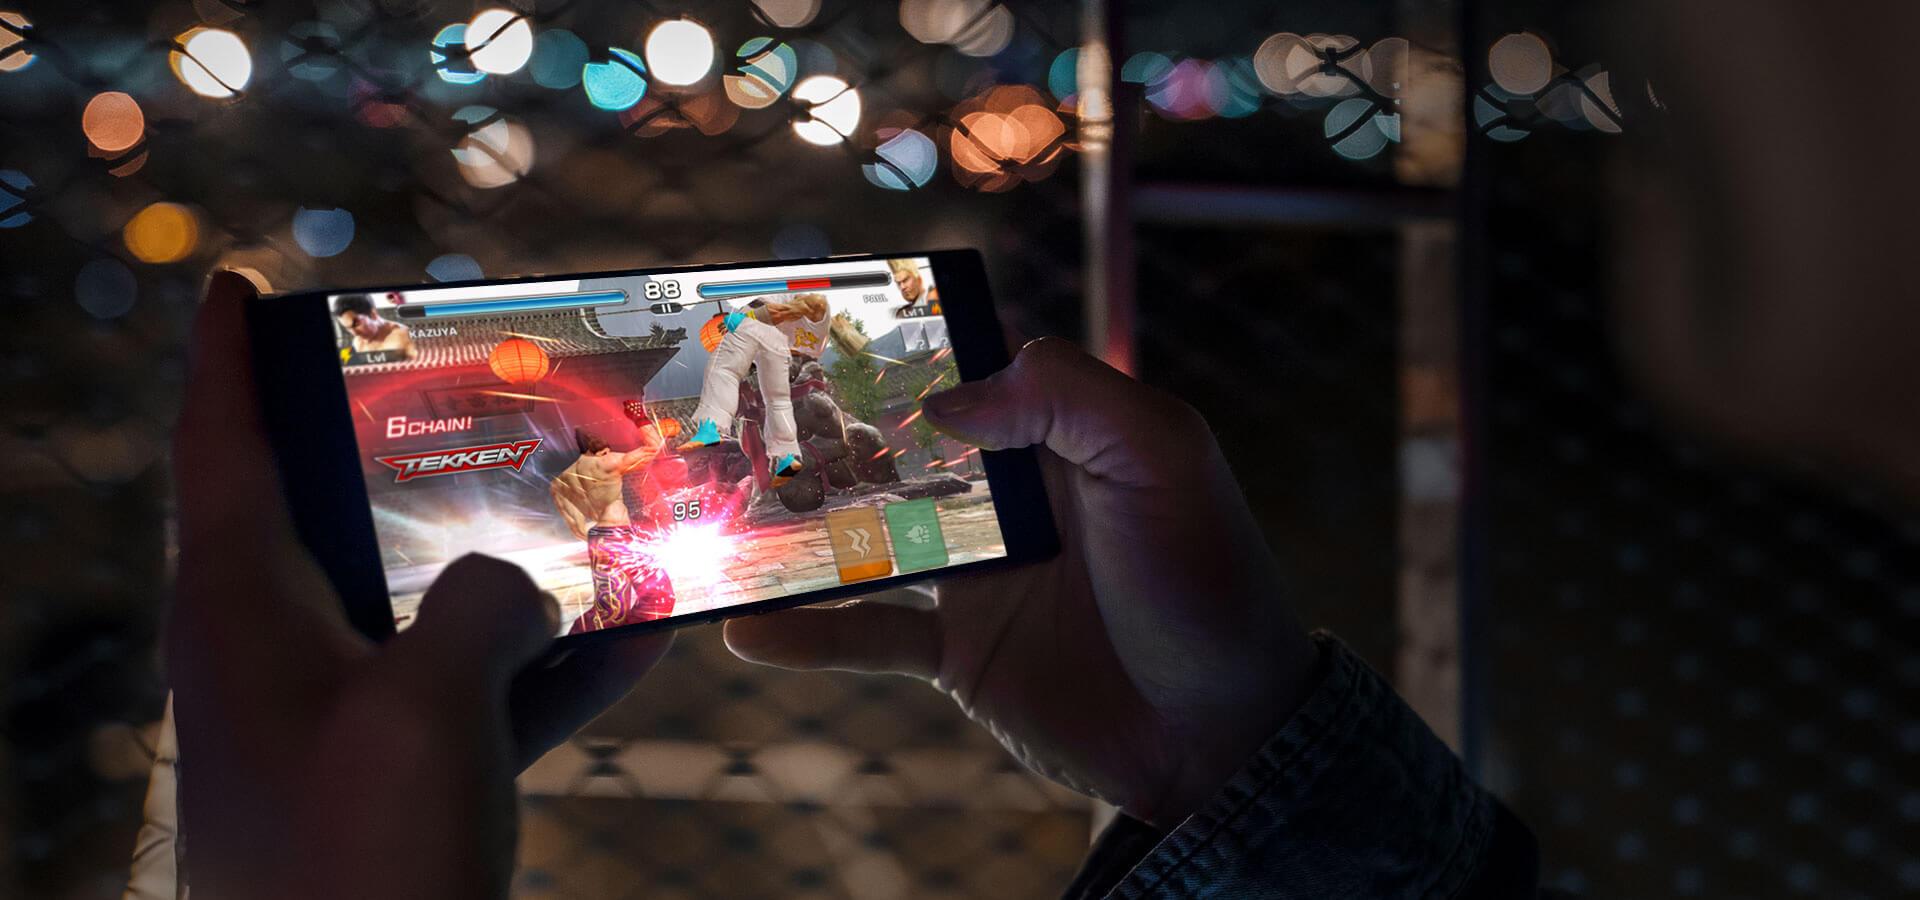 Vivo lanza IQOO, una marca independiente para el mundo gaming